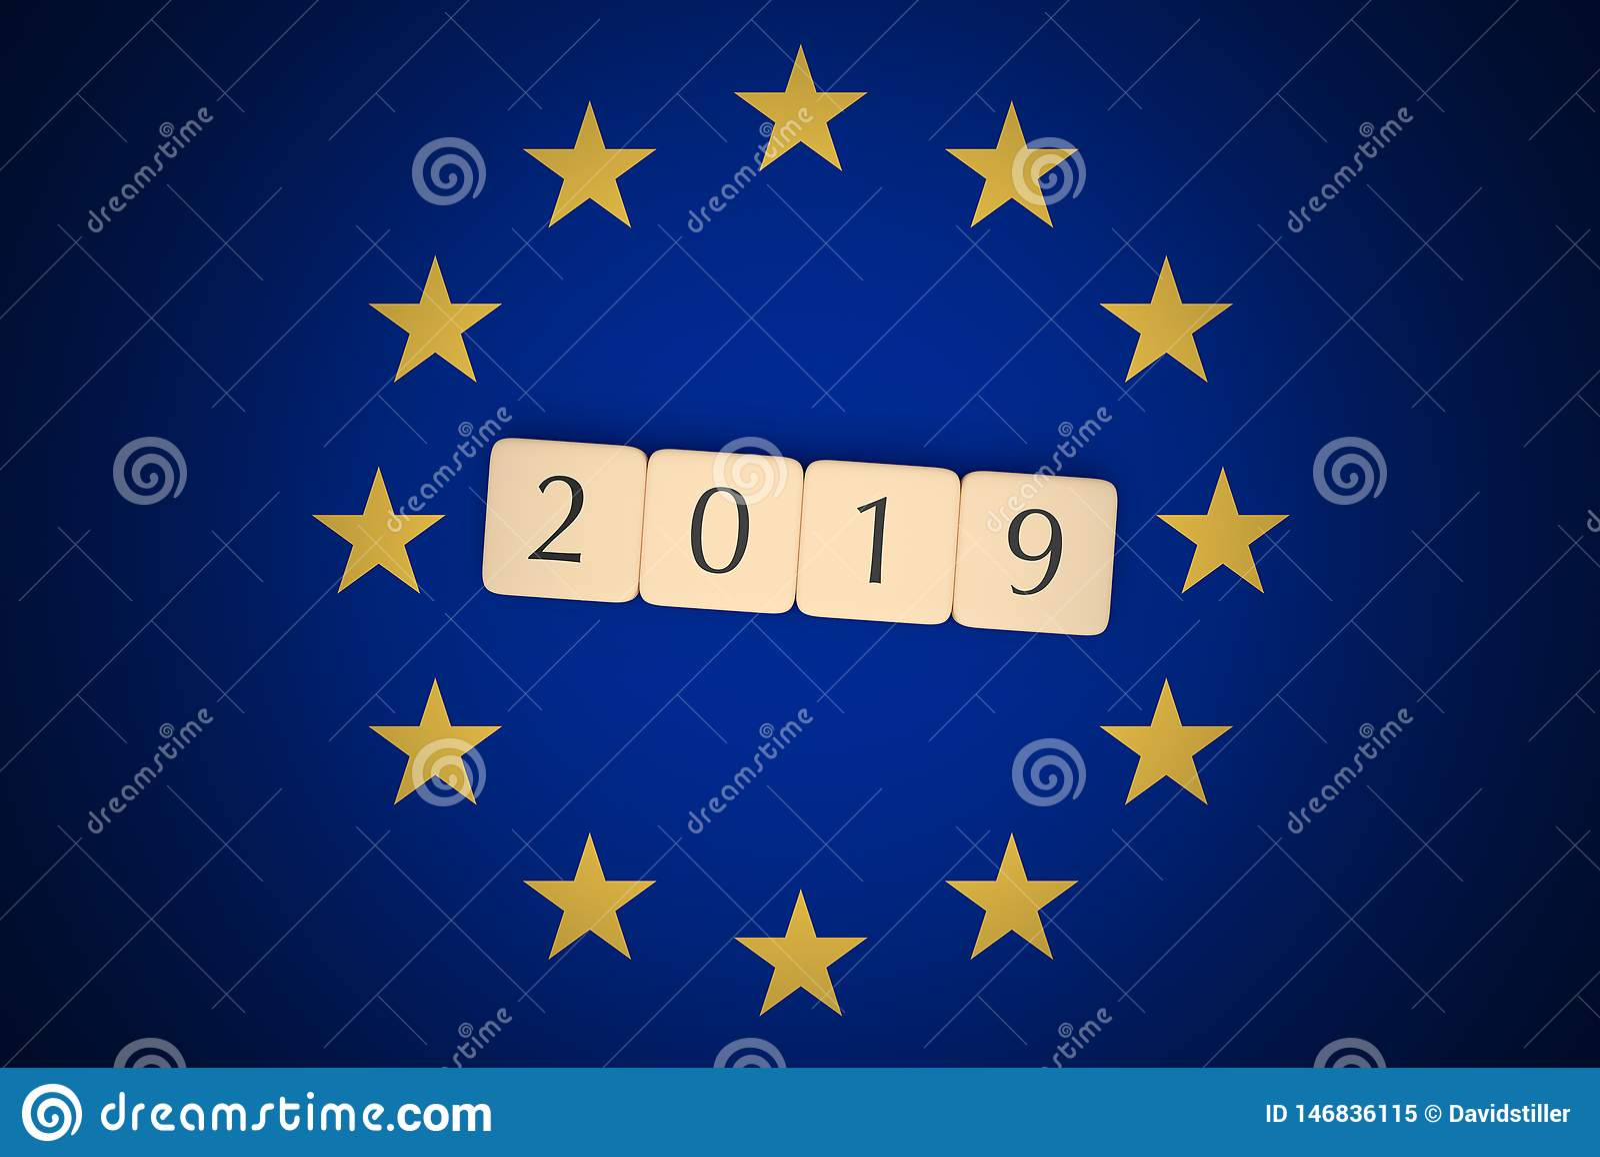 Η επιστολή κεραμώνει το 2019 με τη σημαία της ΕΕ, τρισδιάστατη απεικόνιση